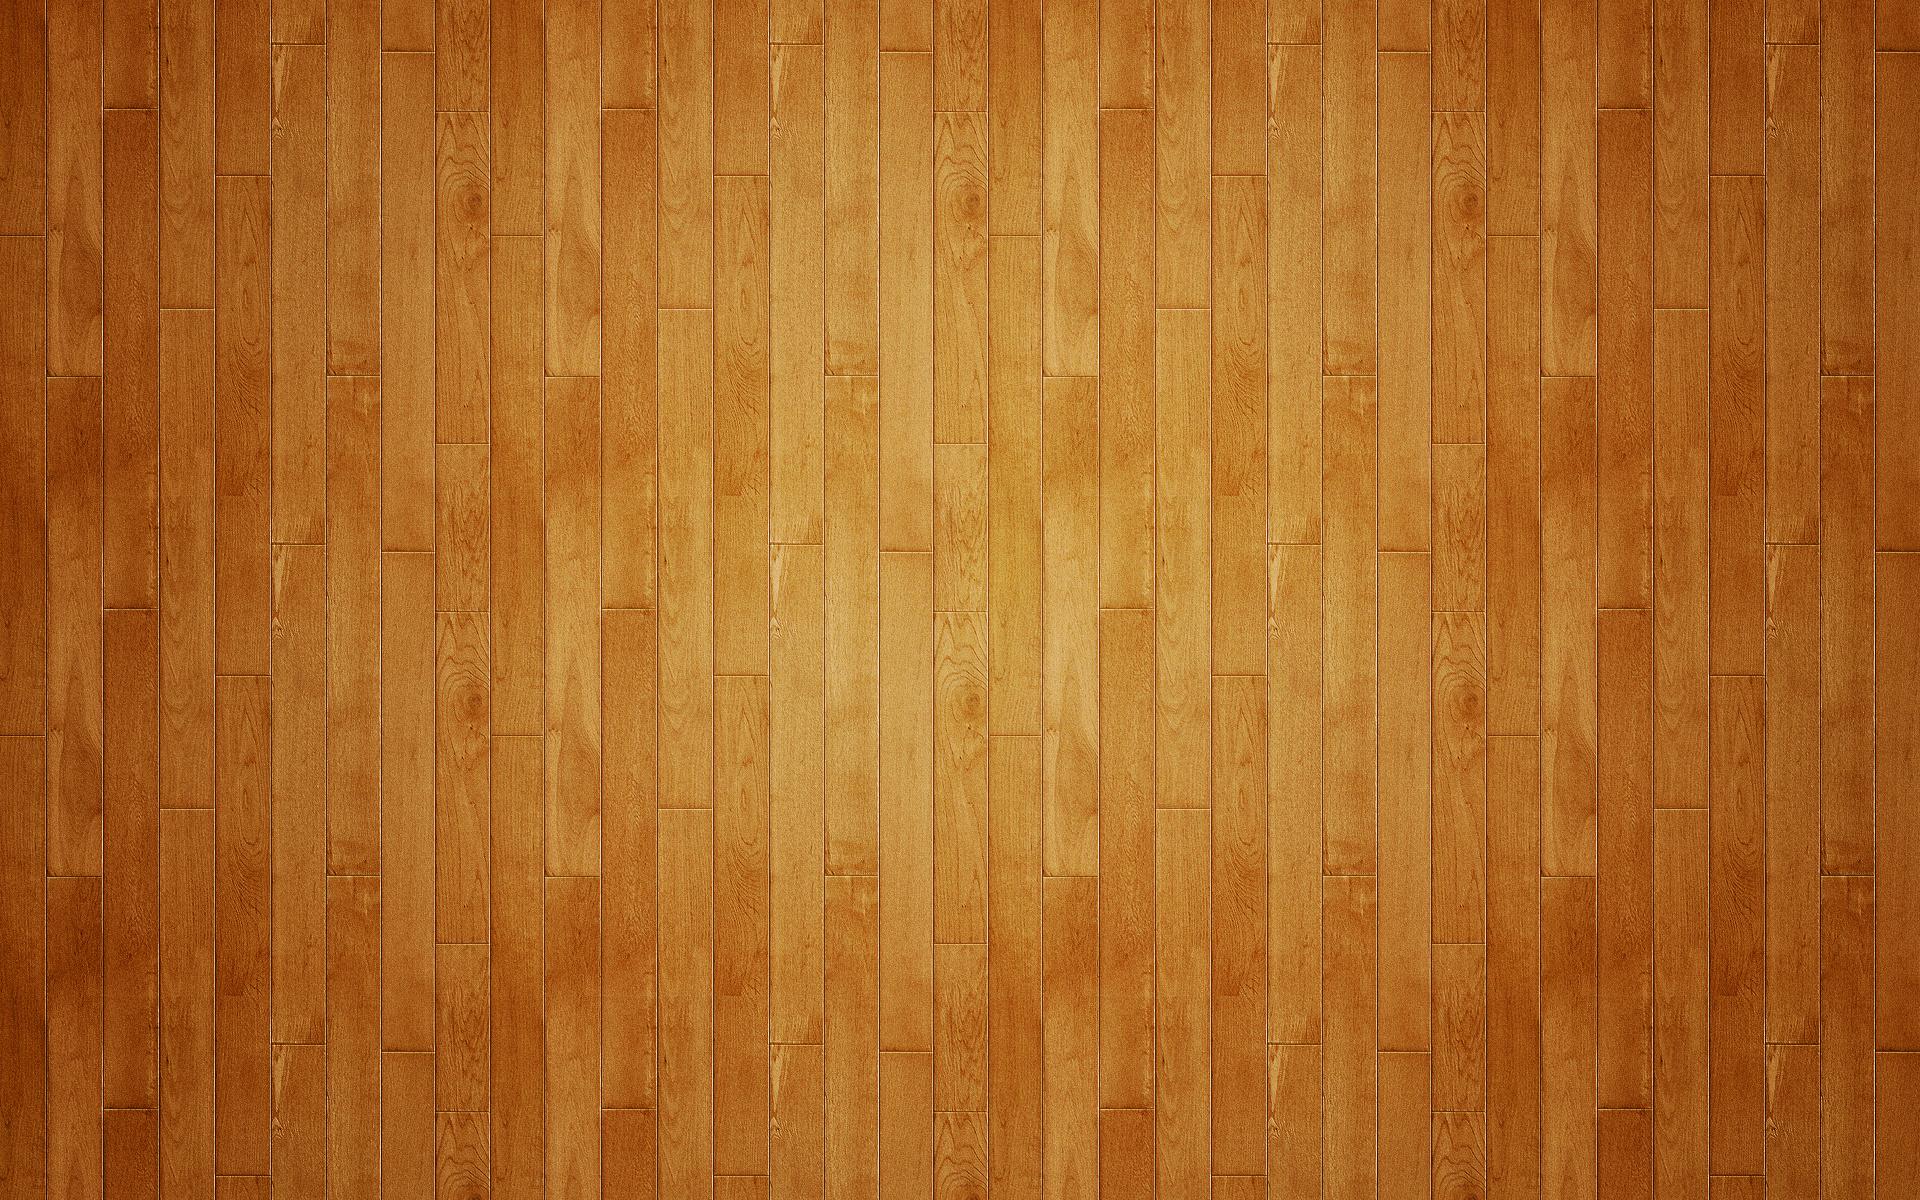 Wood Floor Texture 547...